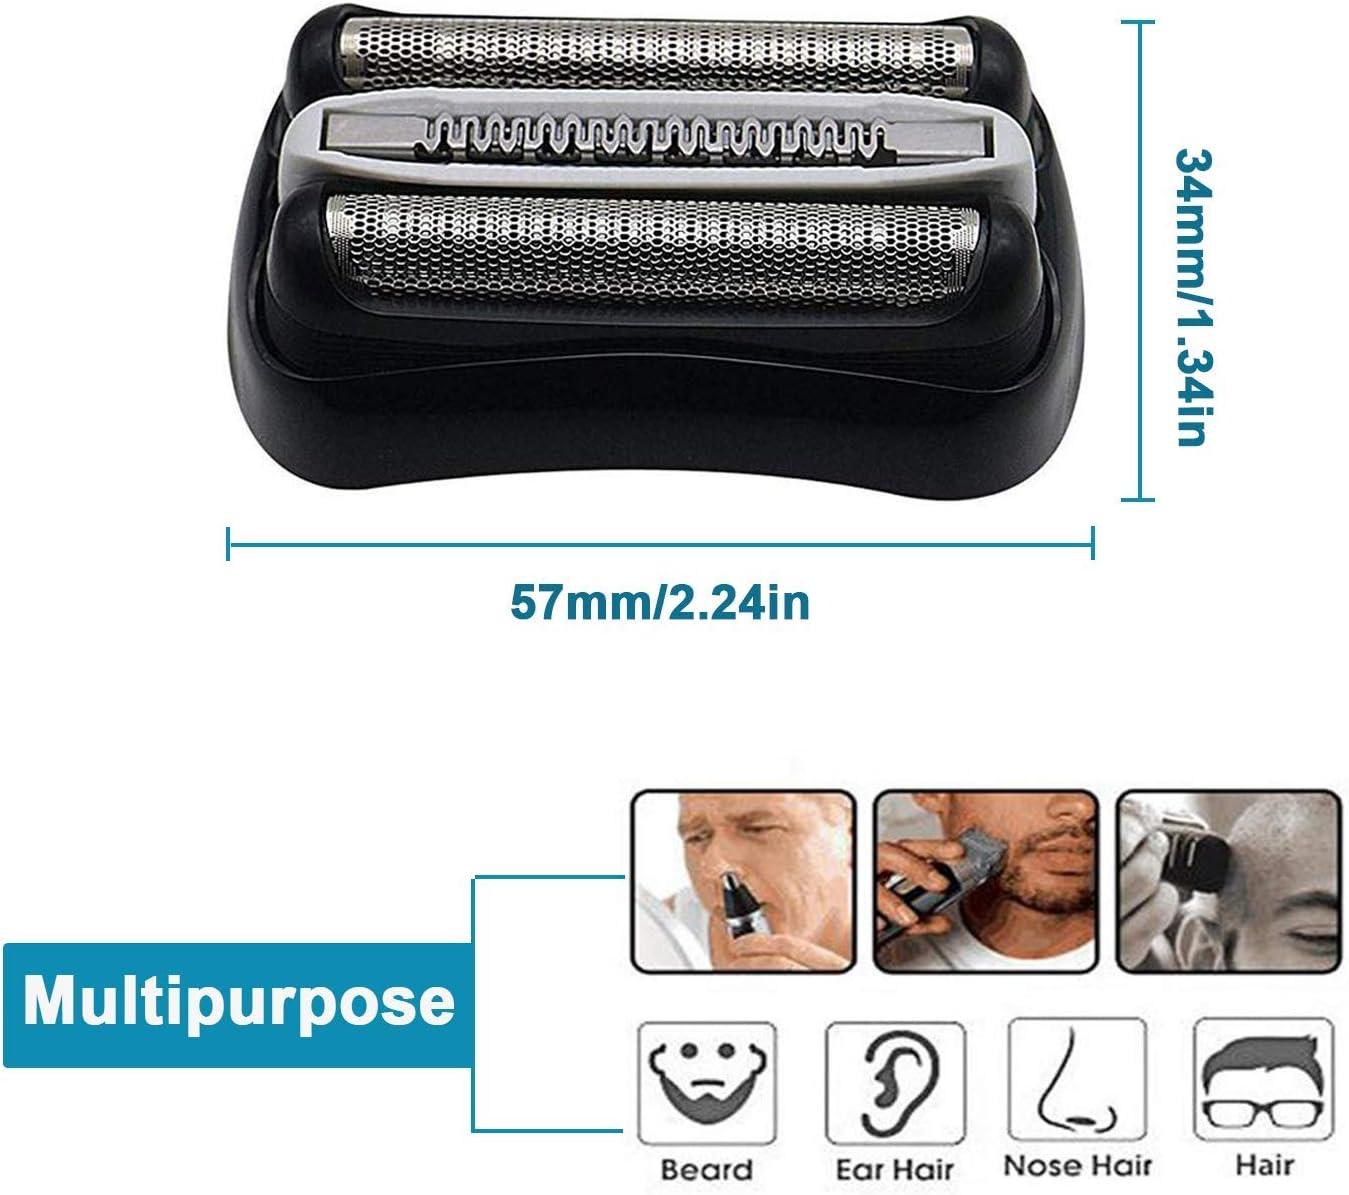 Cutter Blade Shaver lámina de pantalla para afeitadora eléctrica para hombres (32S) Compatible con la afeitadora eléctrica de la serie Braun Modelos 3000s,3010s,3040s,3050cc,3070cc,3080s,3090cc: Amazon.es: Salud y cuidado personal